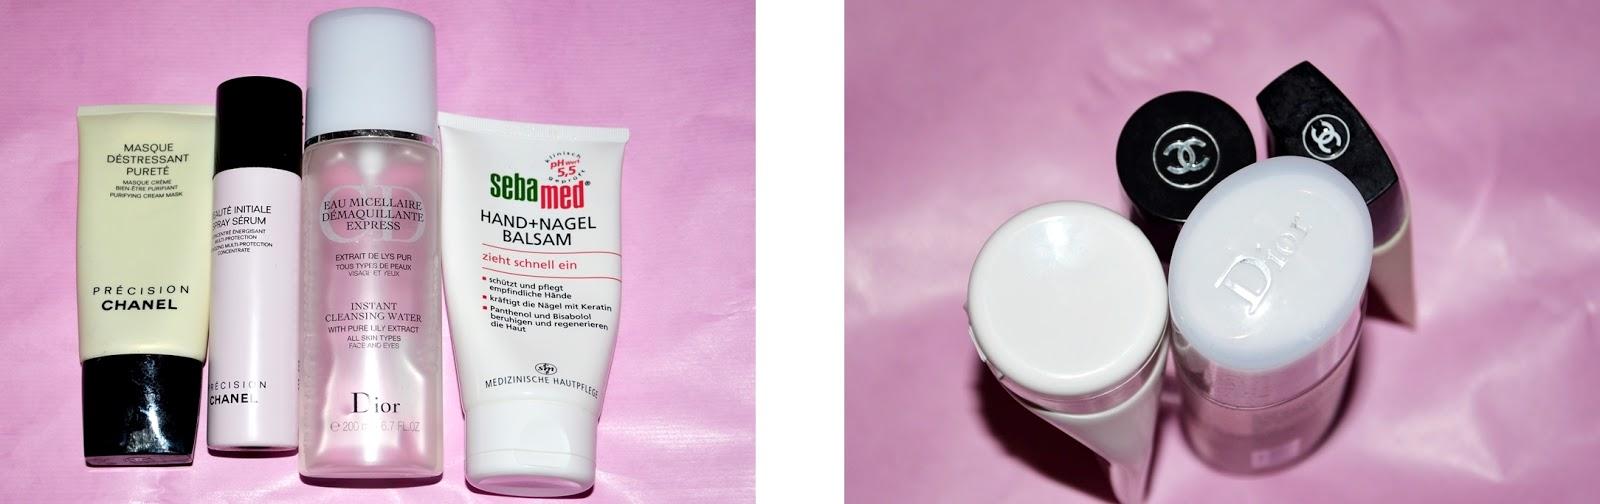 Fehlkäufe Kostetik, Geldverschwendung Beauty Produkte